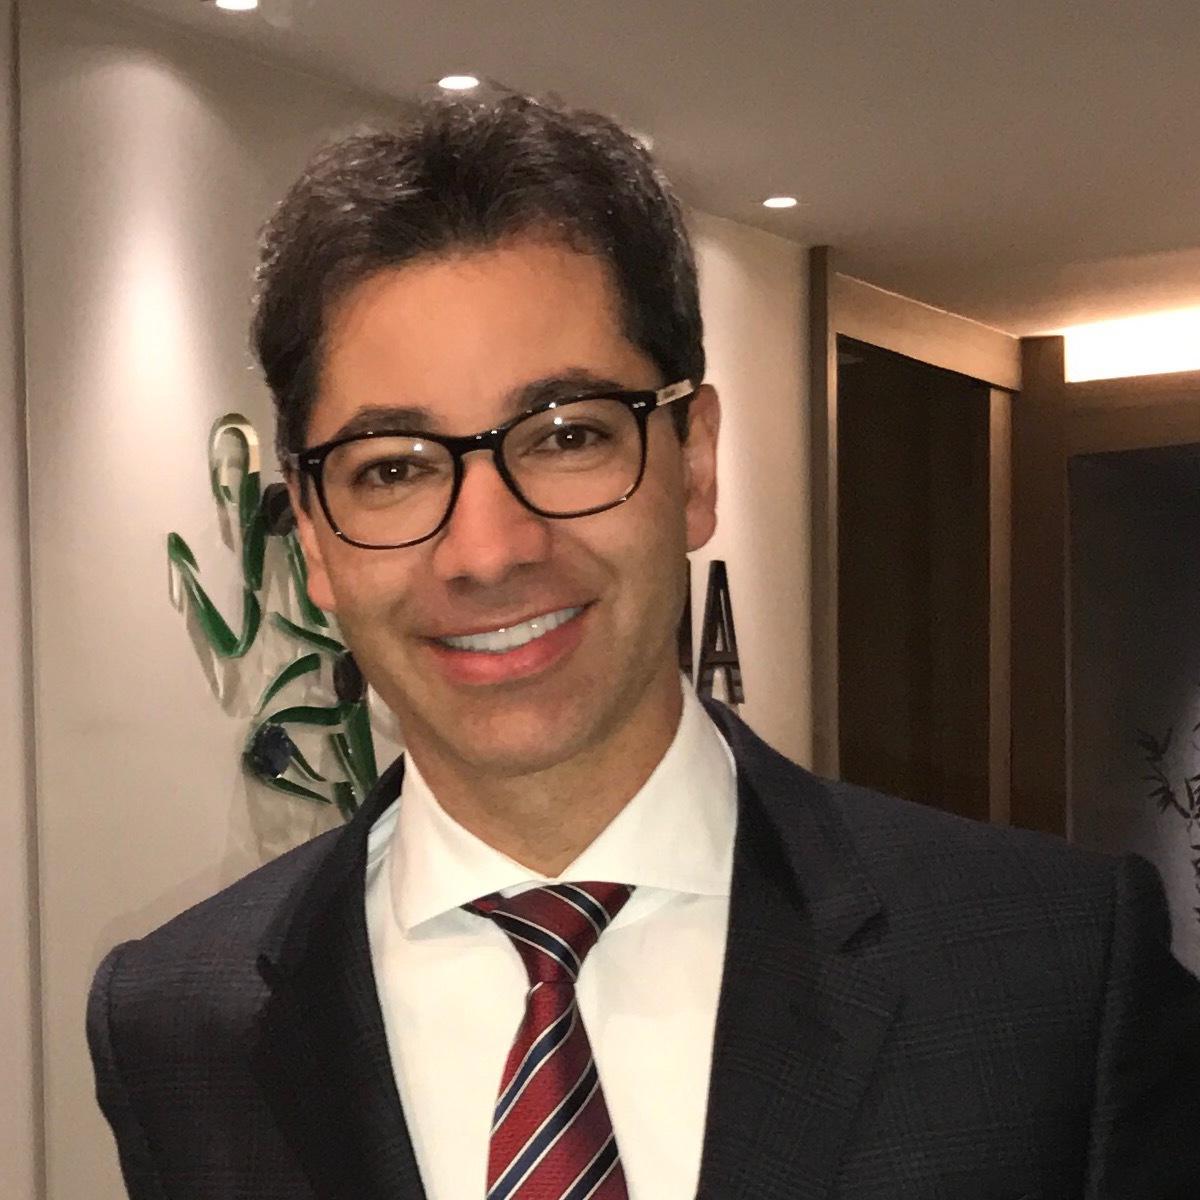 Denys Carlos Aragao de Morais